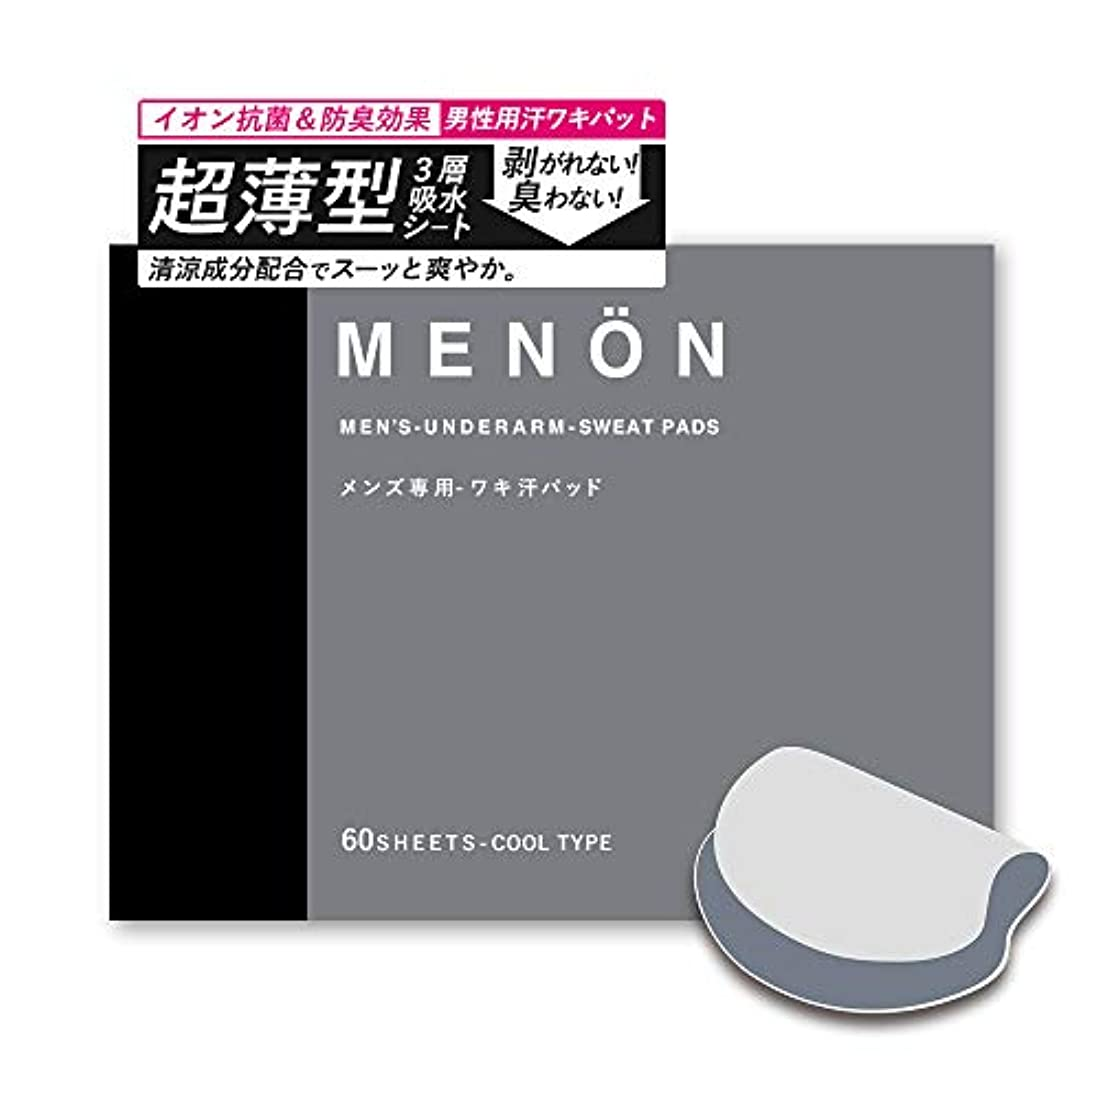 いつかマンハッタン抵当MENON 安心の日本製 脇汗パッド メンズ 使い捨て 汗取りパッド 大容量60枚 (30セット) 清涼成分配合 脇汗 男性用 ボディケア 汗ジミ?臭い予防に パッド シール メノン